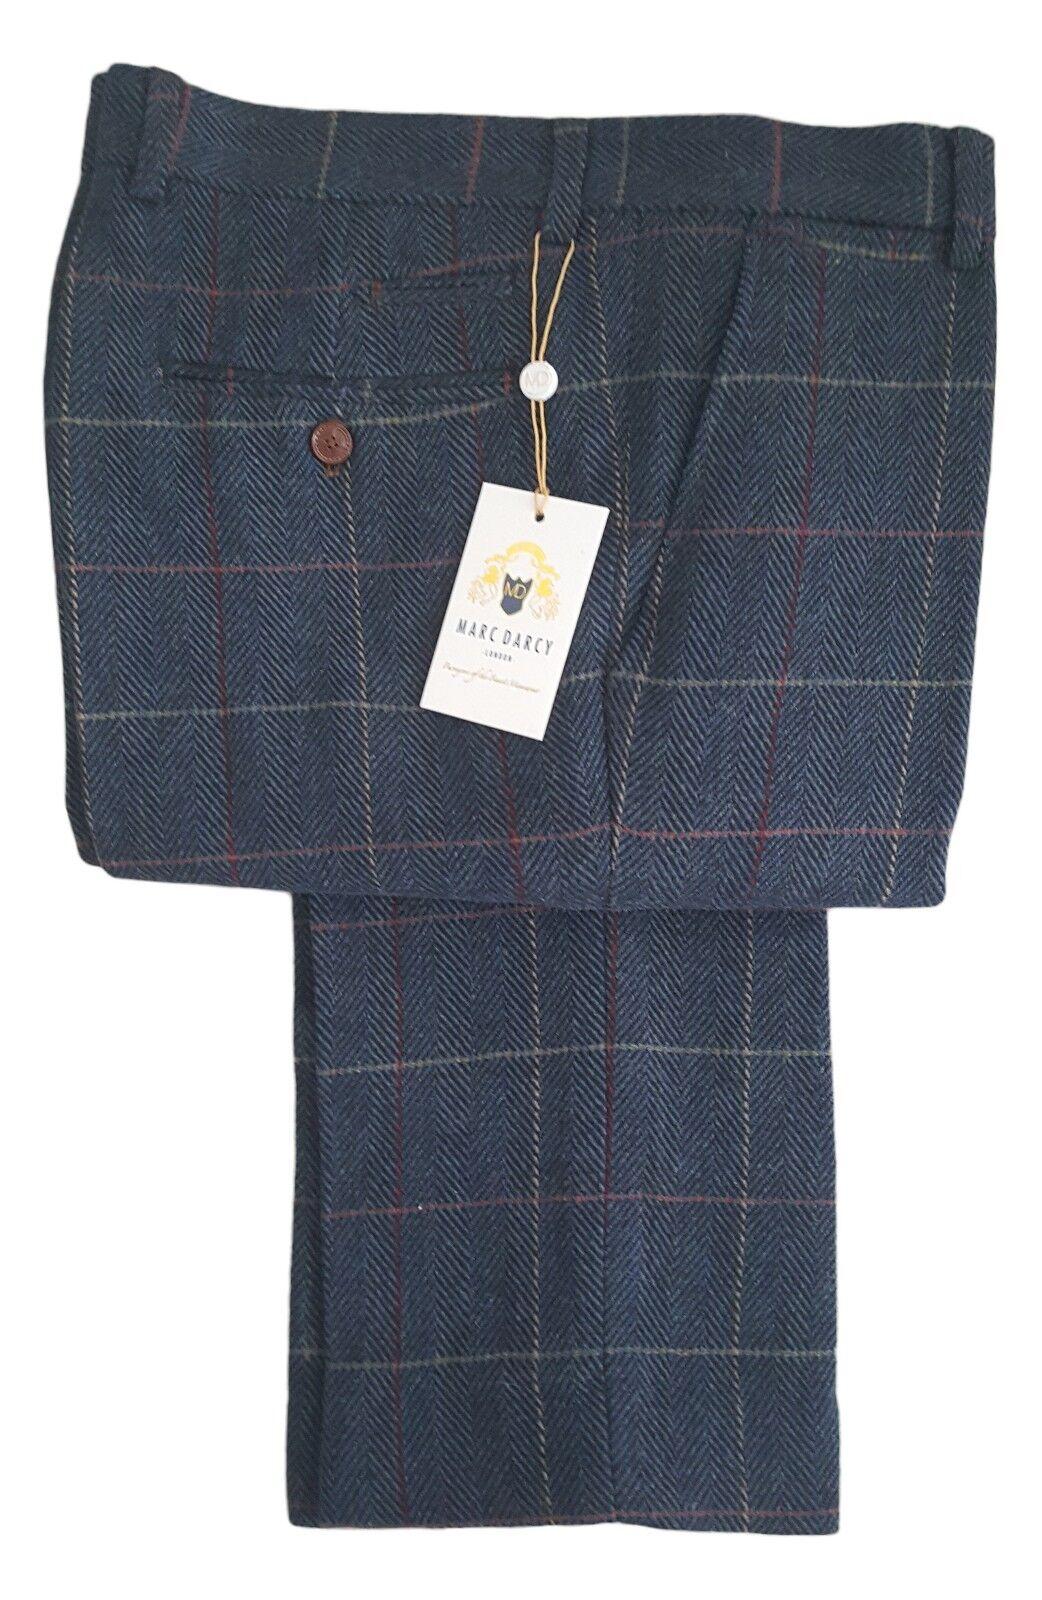 Herren Marc Darcy Tweed Karierte Hose Style Eton - Dunkelblau